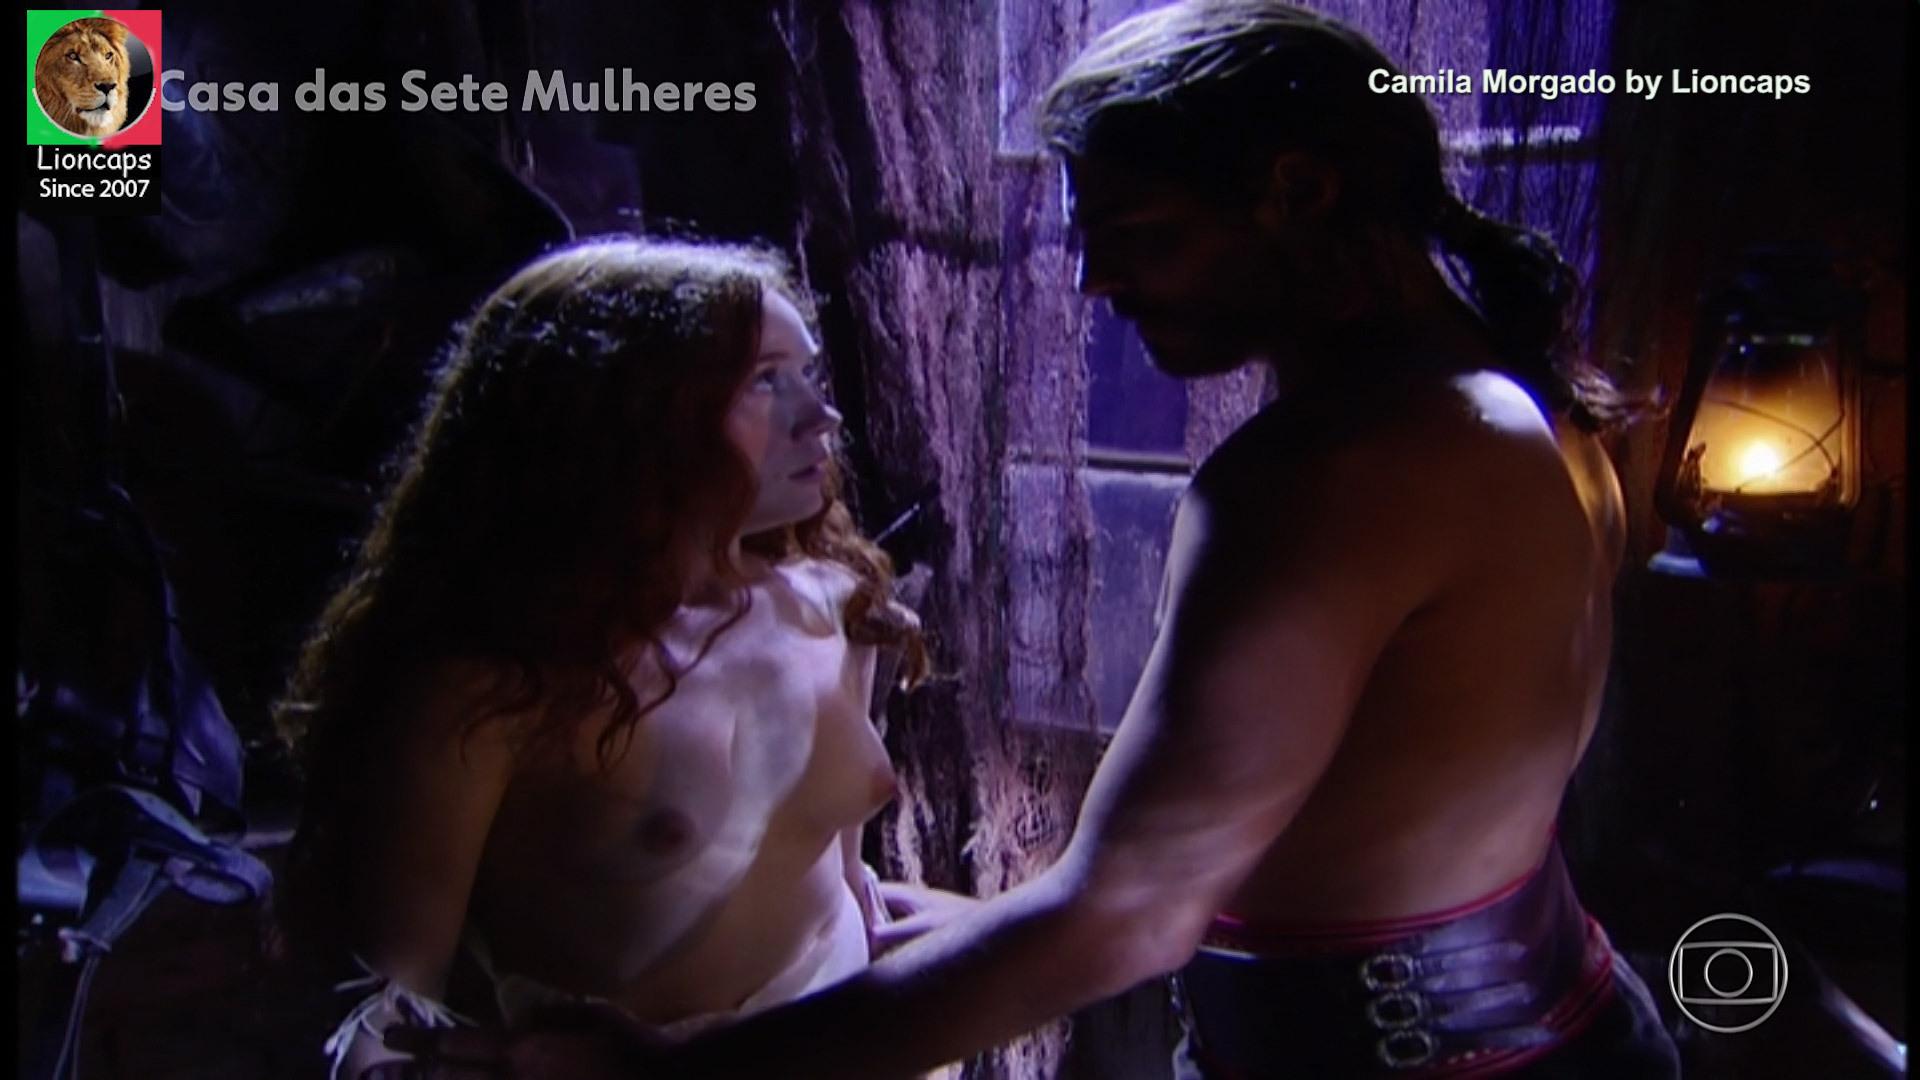 camila_morgado_casa_7_mulheres_lioncaps_27_03_2021 (2).jpg